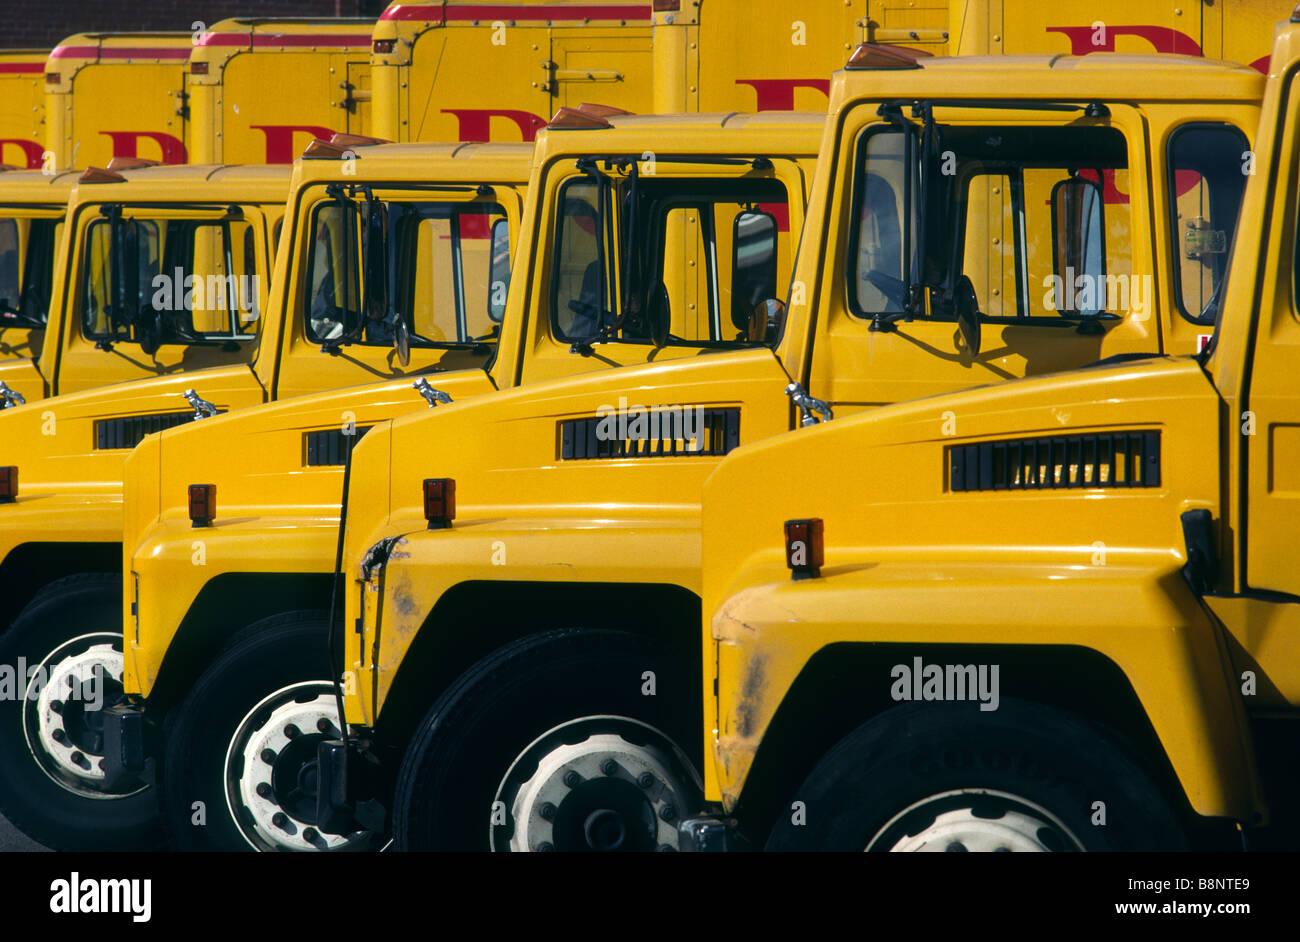 Eine Flotte von gelben Lieferwagen Stockbild